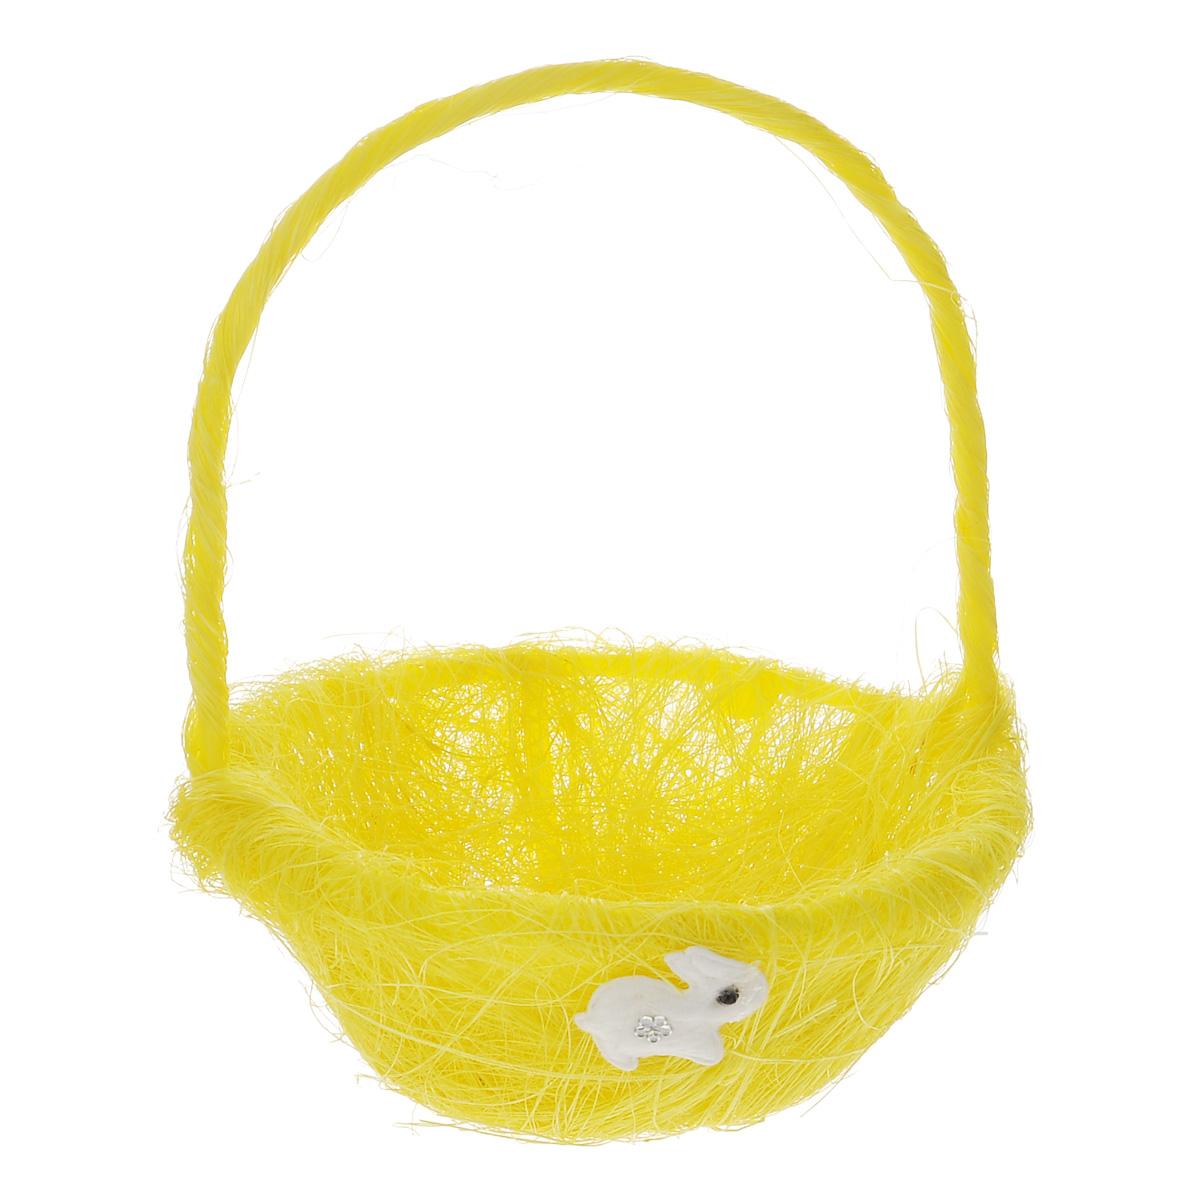 Корзинка декоративная Home Queen Легкость, цвет: желтый, 14,5 см х 19 см66818_1Декоративная корзинка Home Queen Легкость предназначена для украшения интерьера и сервировки стола. Изделие выполнено из сизаля, имеет жесткий пластиковый каркас. Внешние стенки украшены аппликацией в виде белого зайчонка. Корзинка оснащена ручкой. Такая оригинальная корзинка станет ярким украшением стола. Идеальный вариант для хранения пасхальных яиц. Диаметр корзинки: 14,5 см. Высота корзинки: 6 см. Высота корзинки (с ручкой): 19 см.